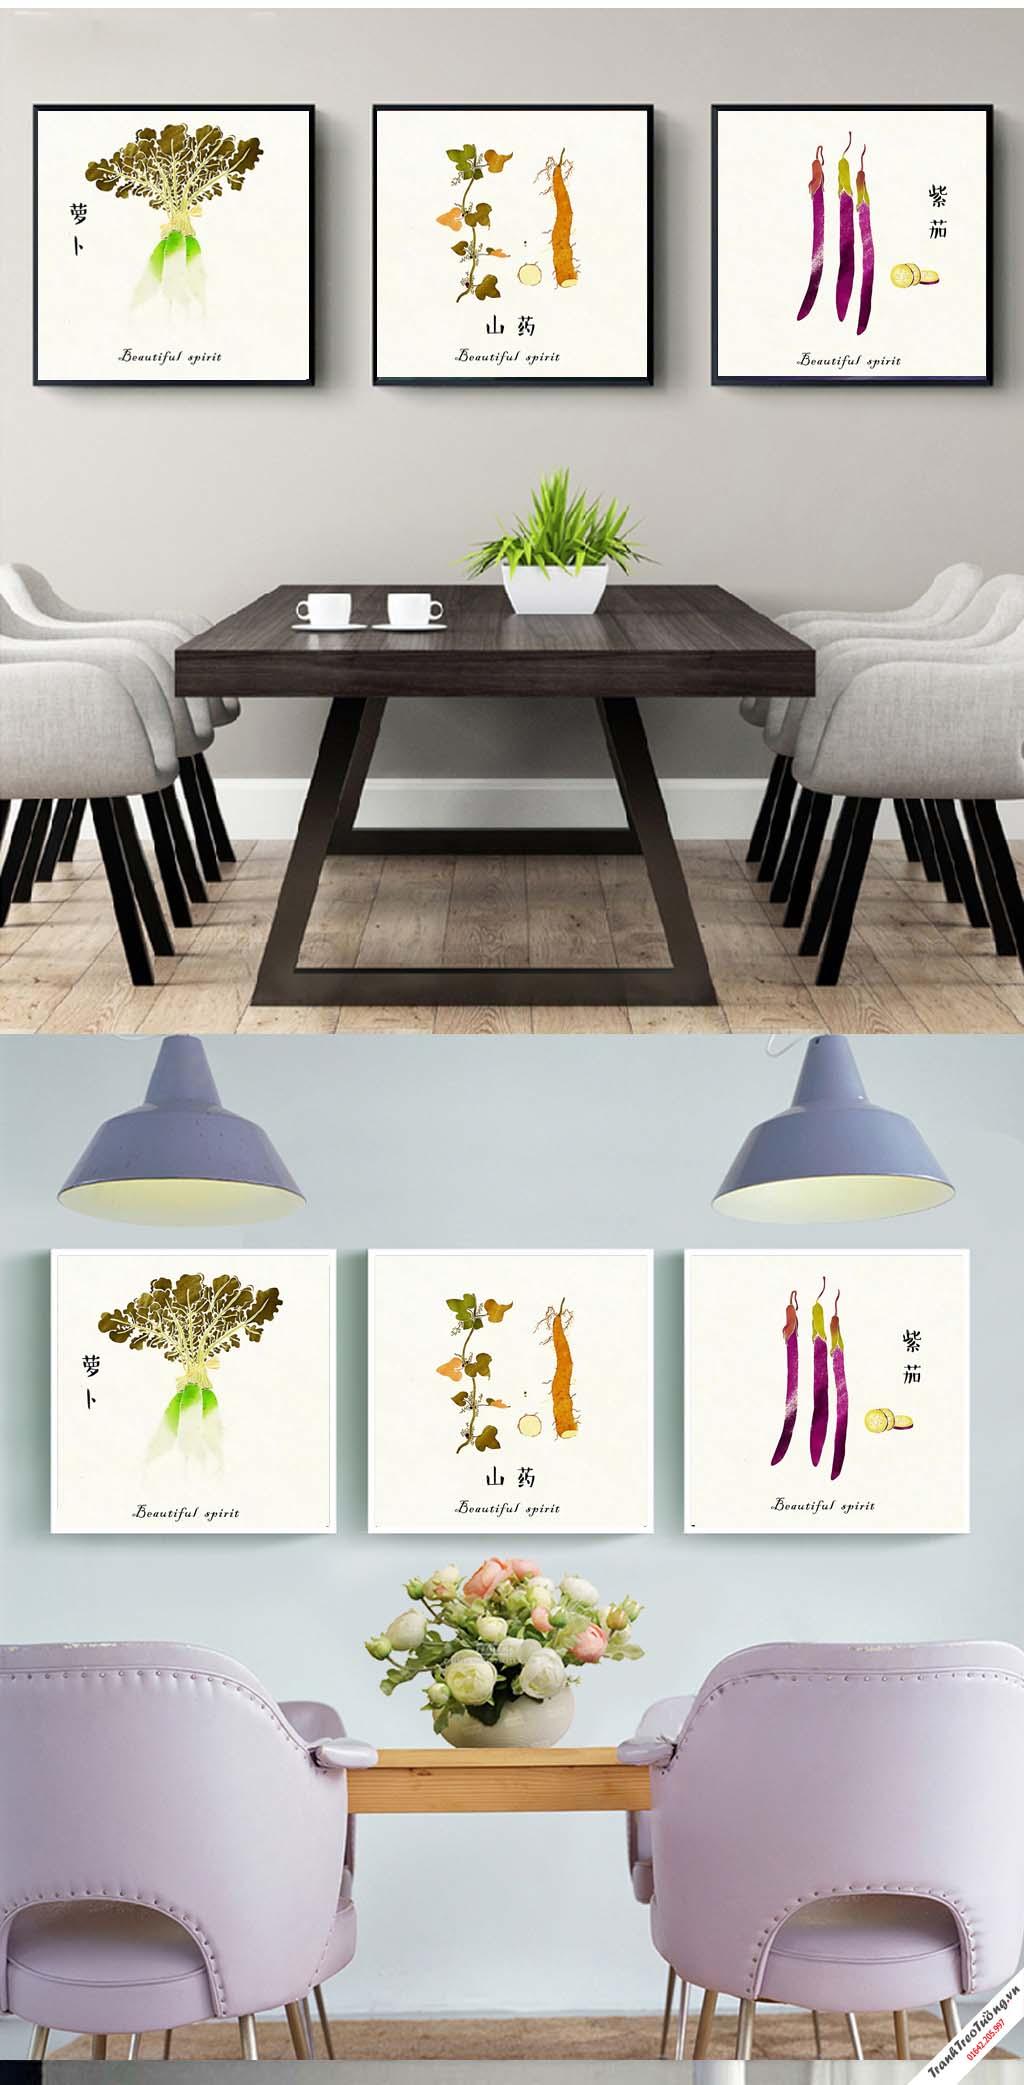 Tranh trang trí phòng bếp105